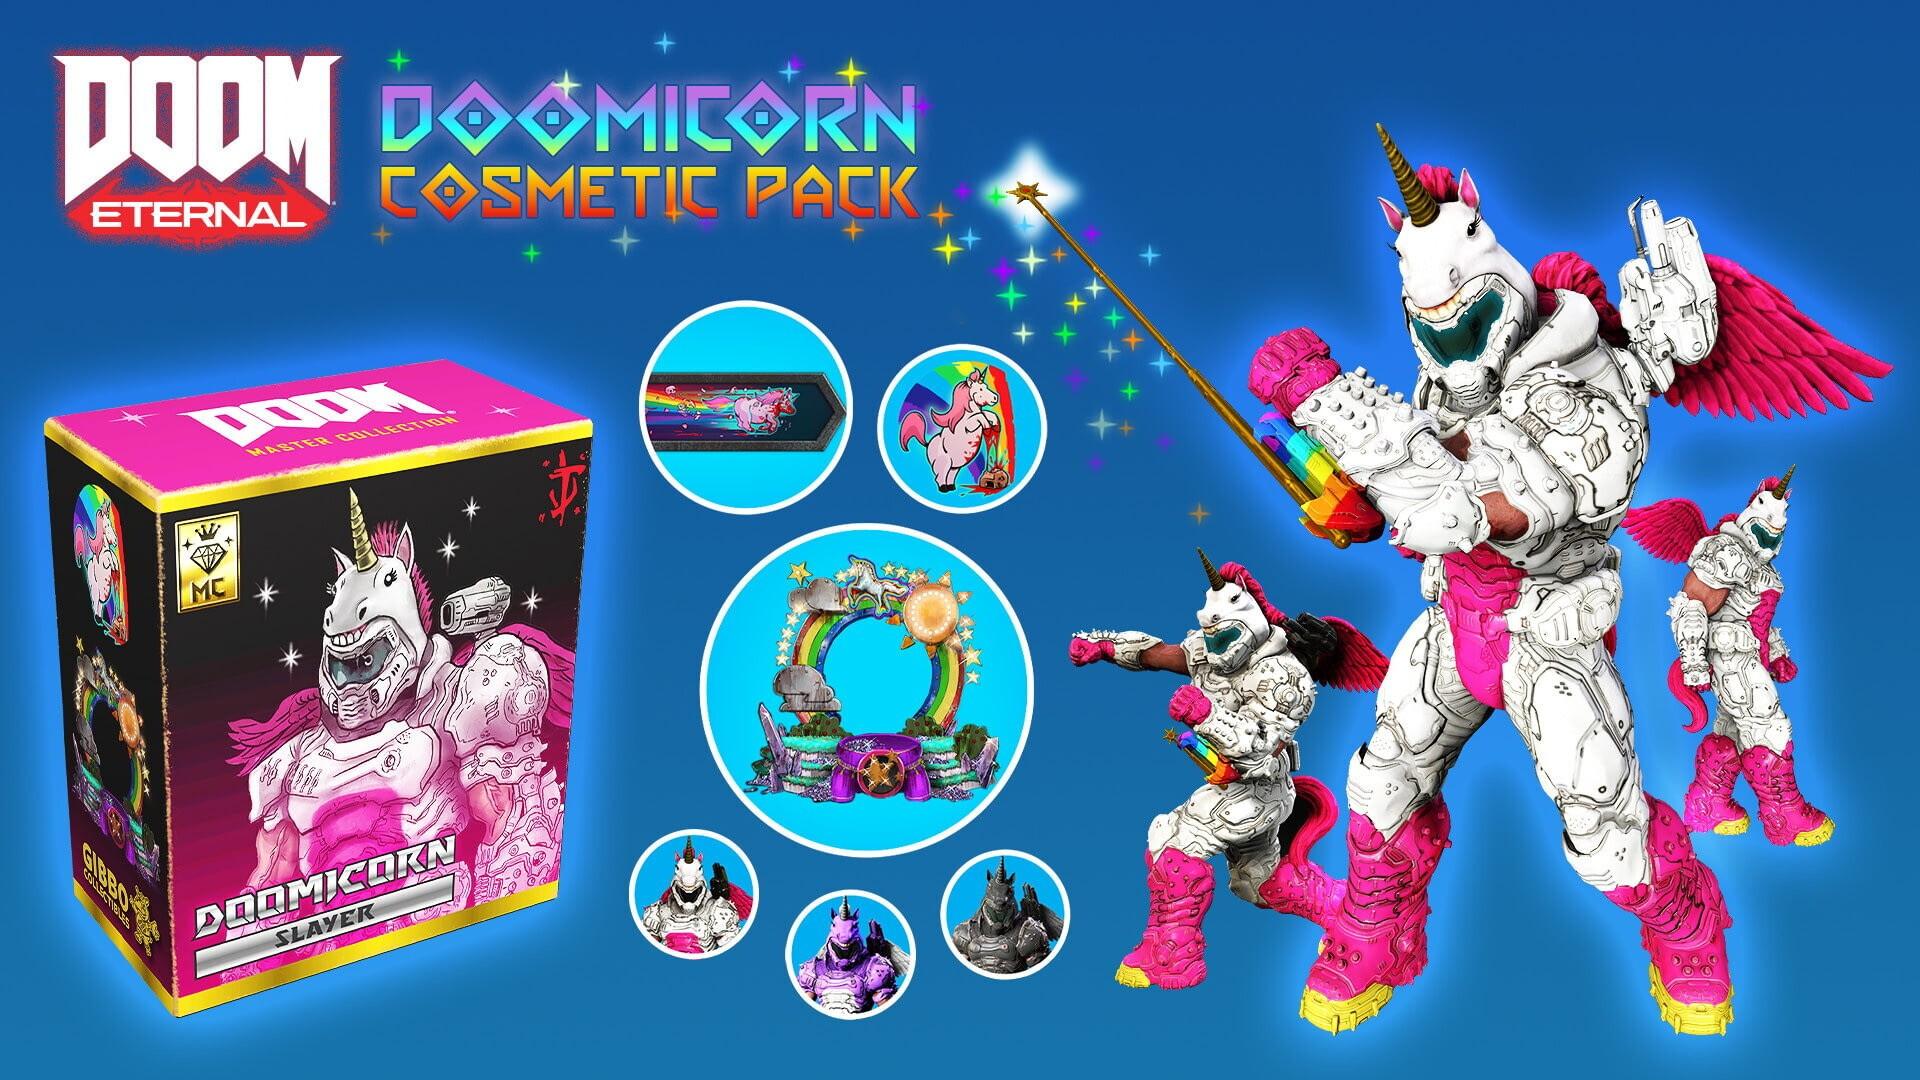 Разработчики DOOM Eternal выпустили платные наборы с косметическими предметами